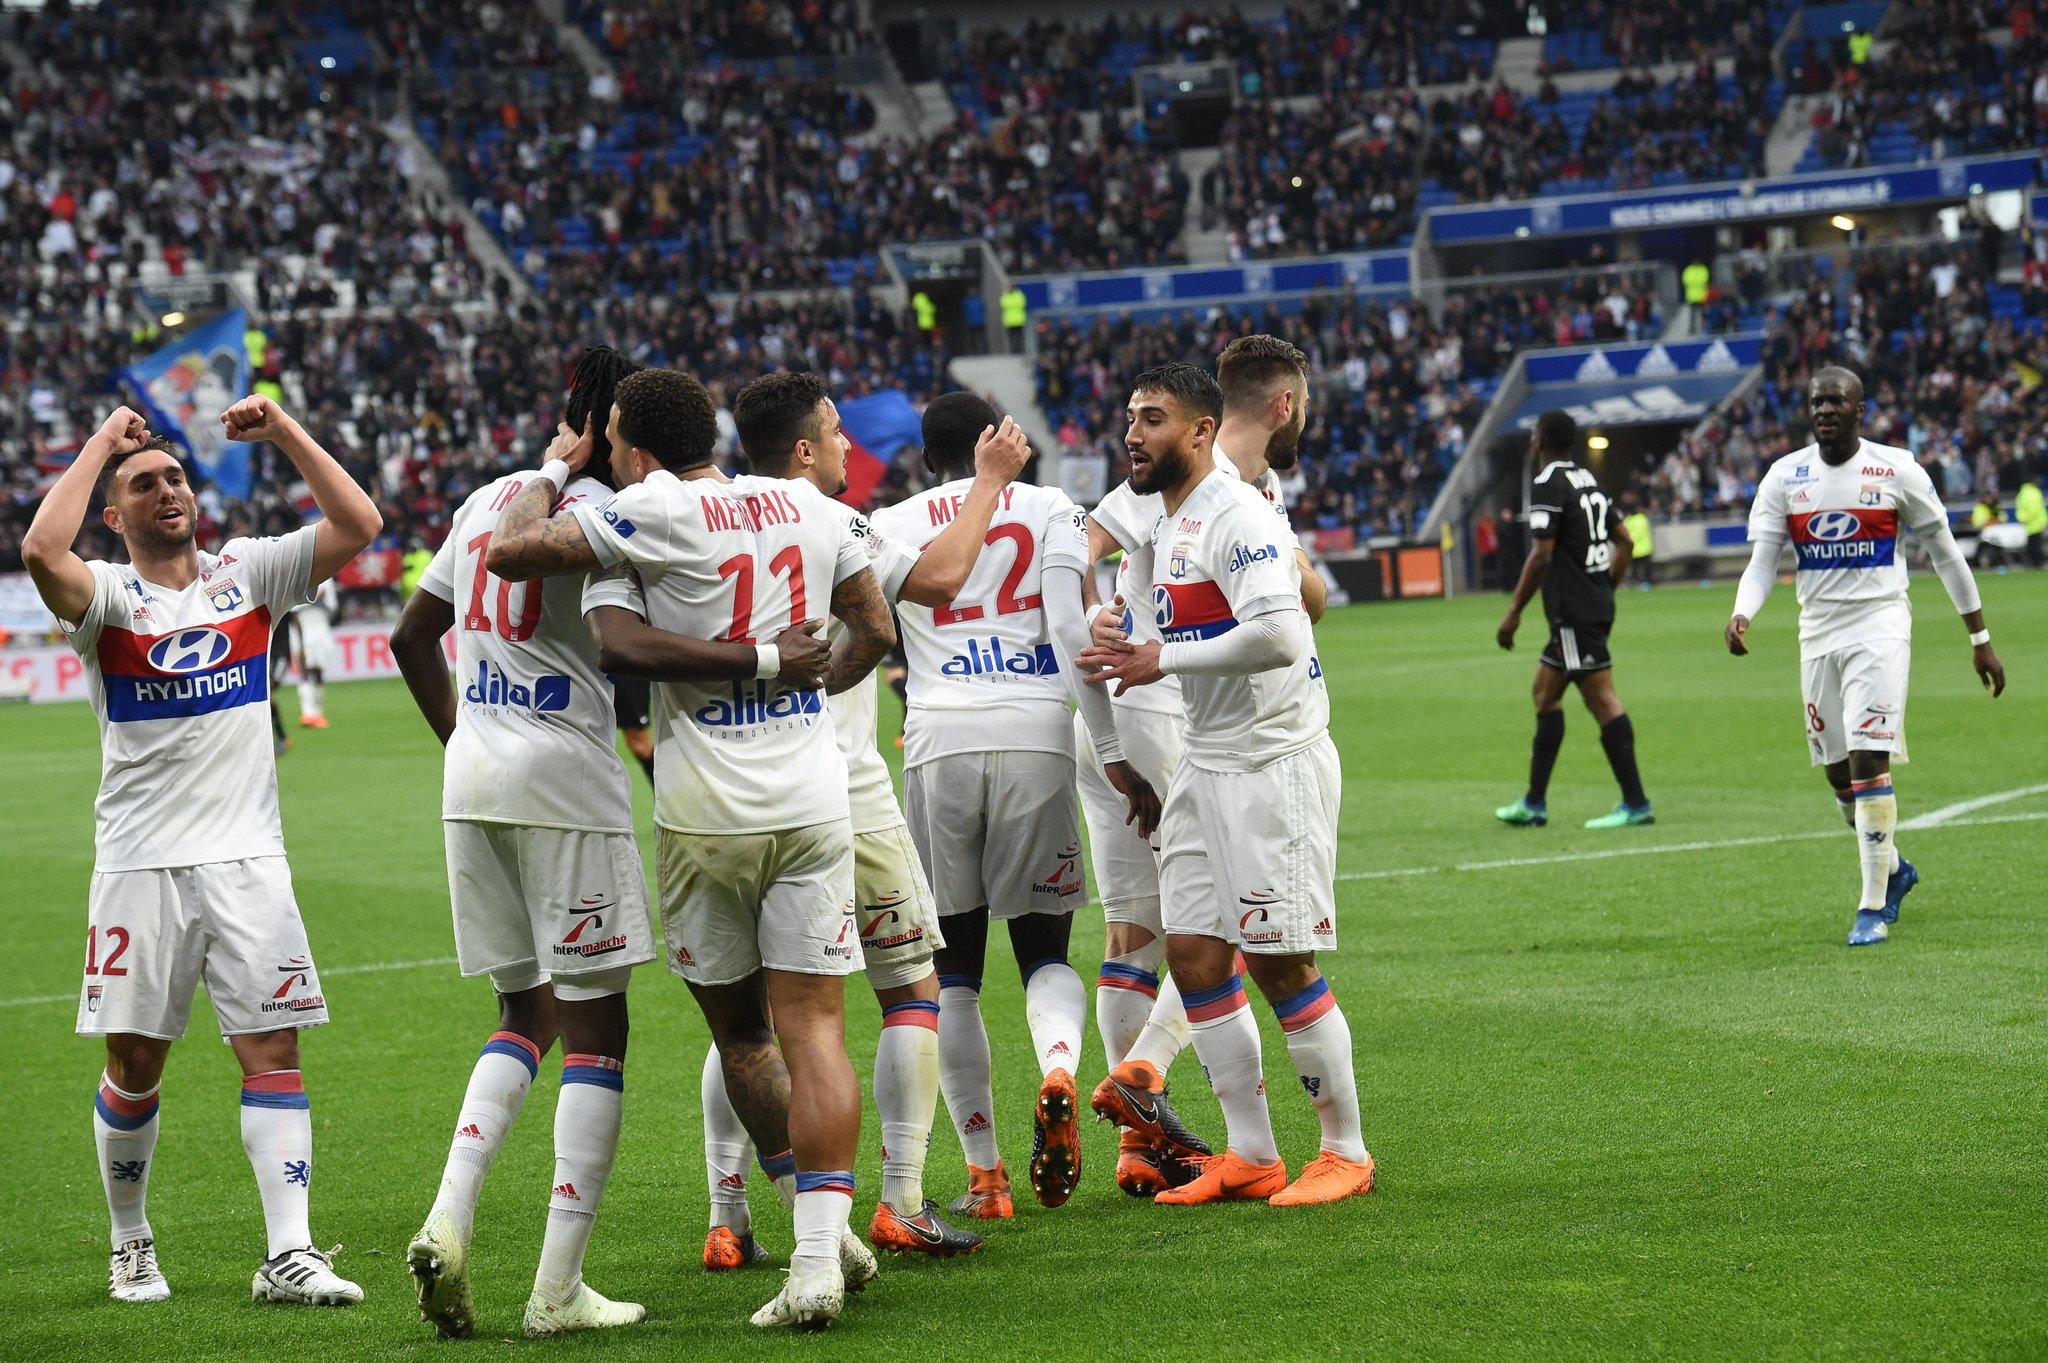 Nhận định Dijon vs Lyon